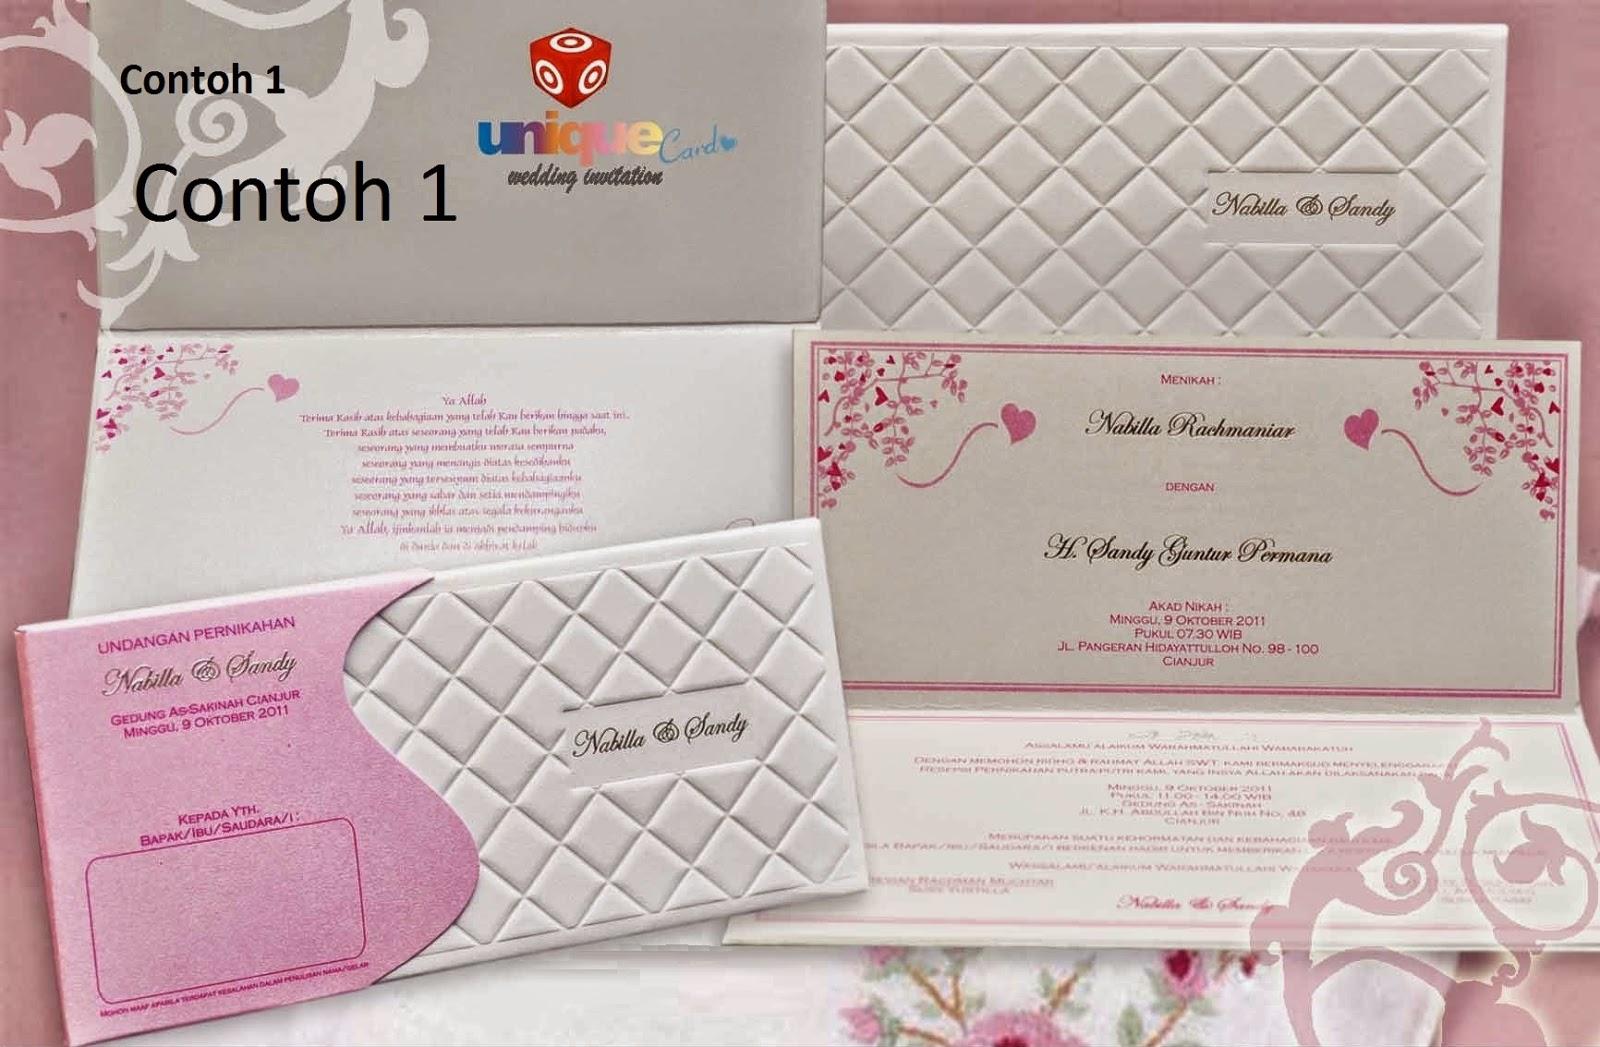 undangan pernikahan unik 2015